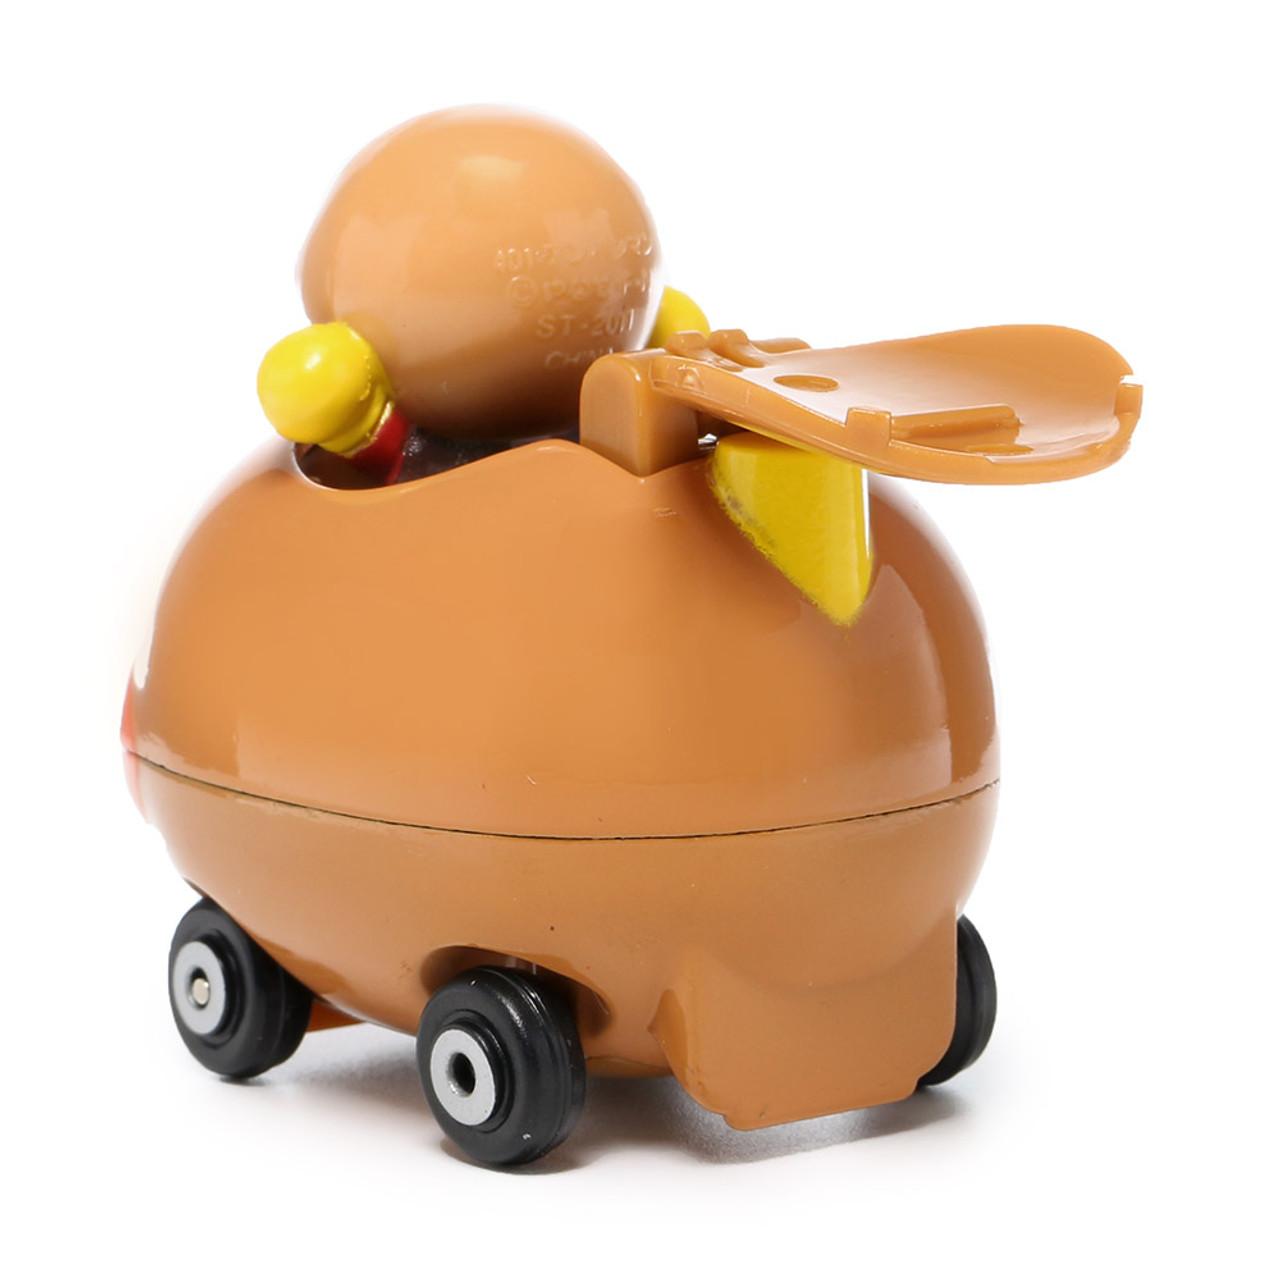 Sega Toys Anpanman Museum Go Go Mini Vehicle Carry Hero - Anpanman Car ( Back View )